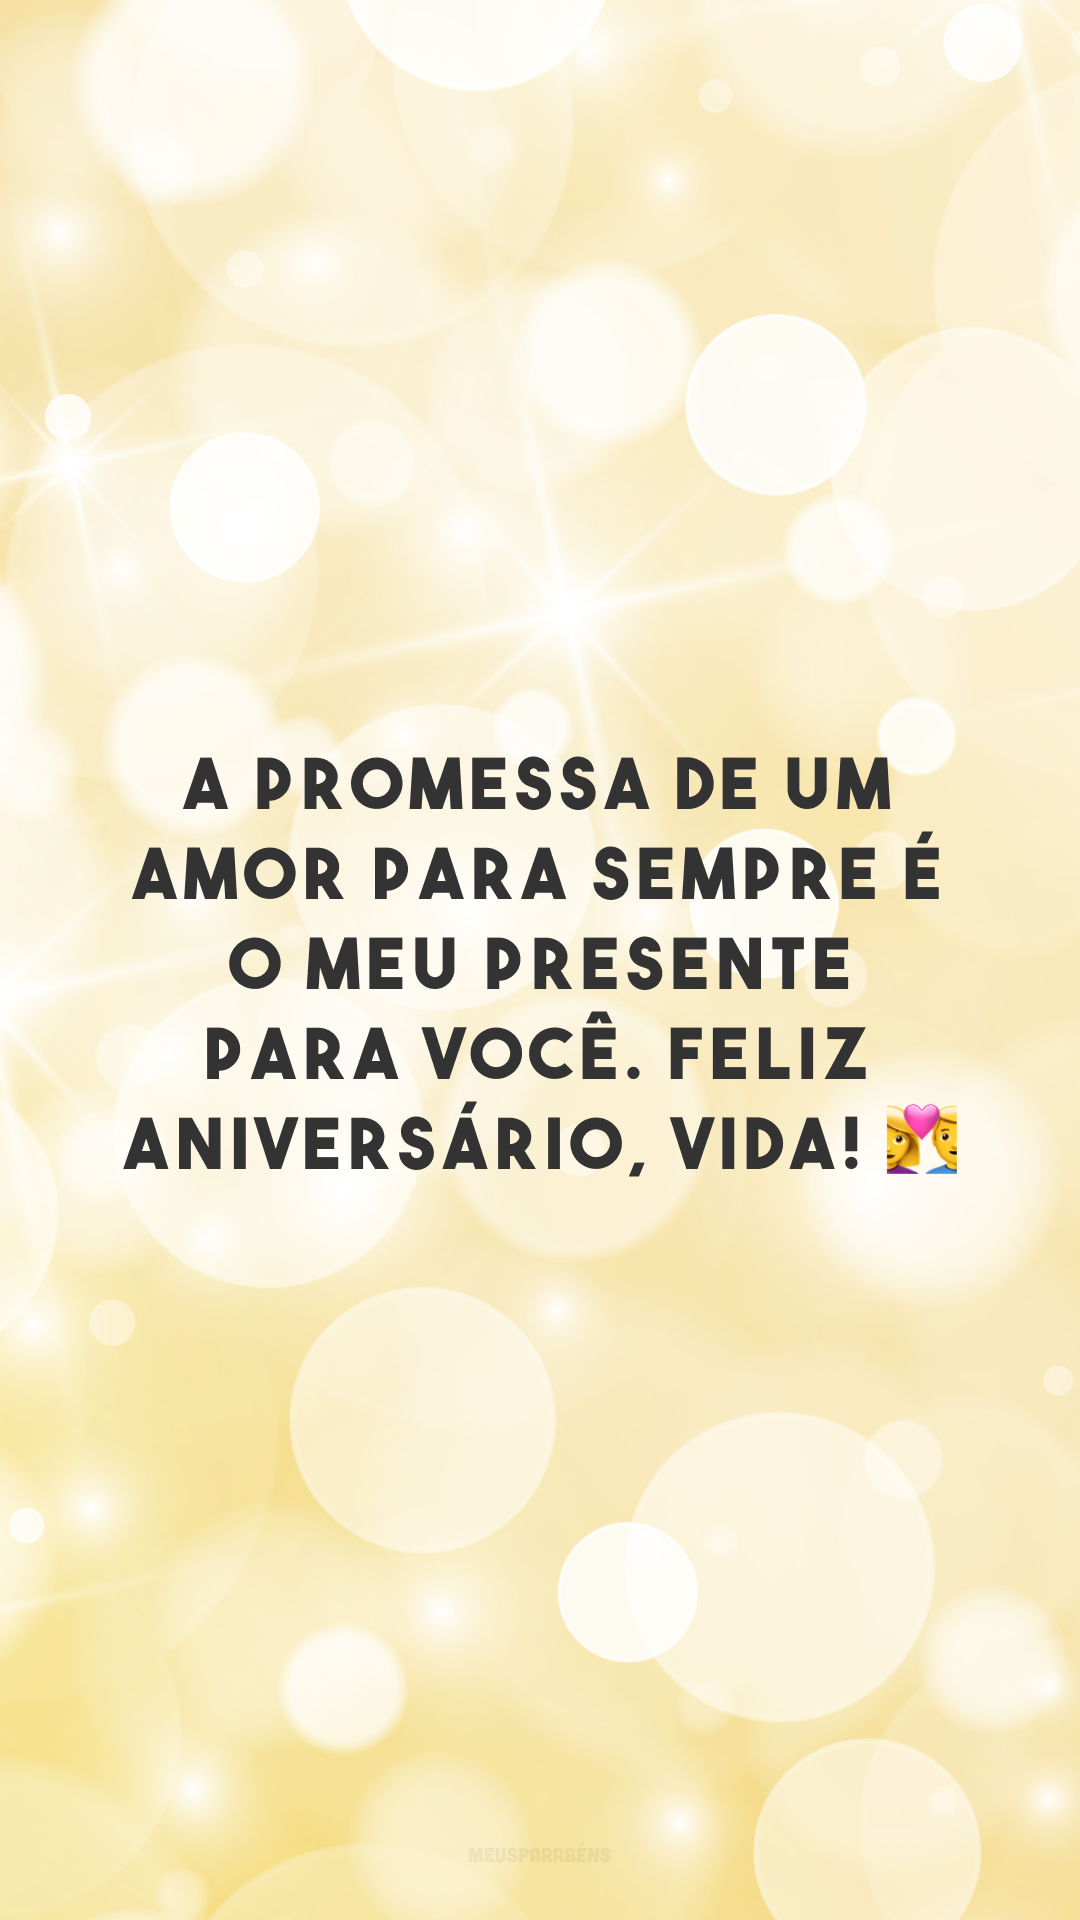 A promessa de um amor para sempre é o meu presente para você. Feliz aniversário, vida! 💑